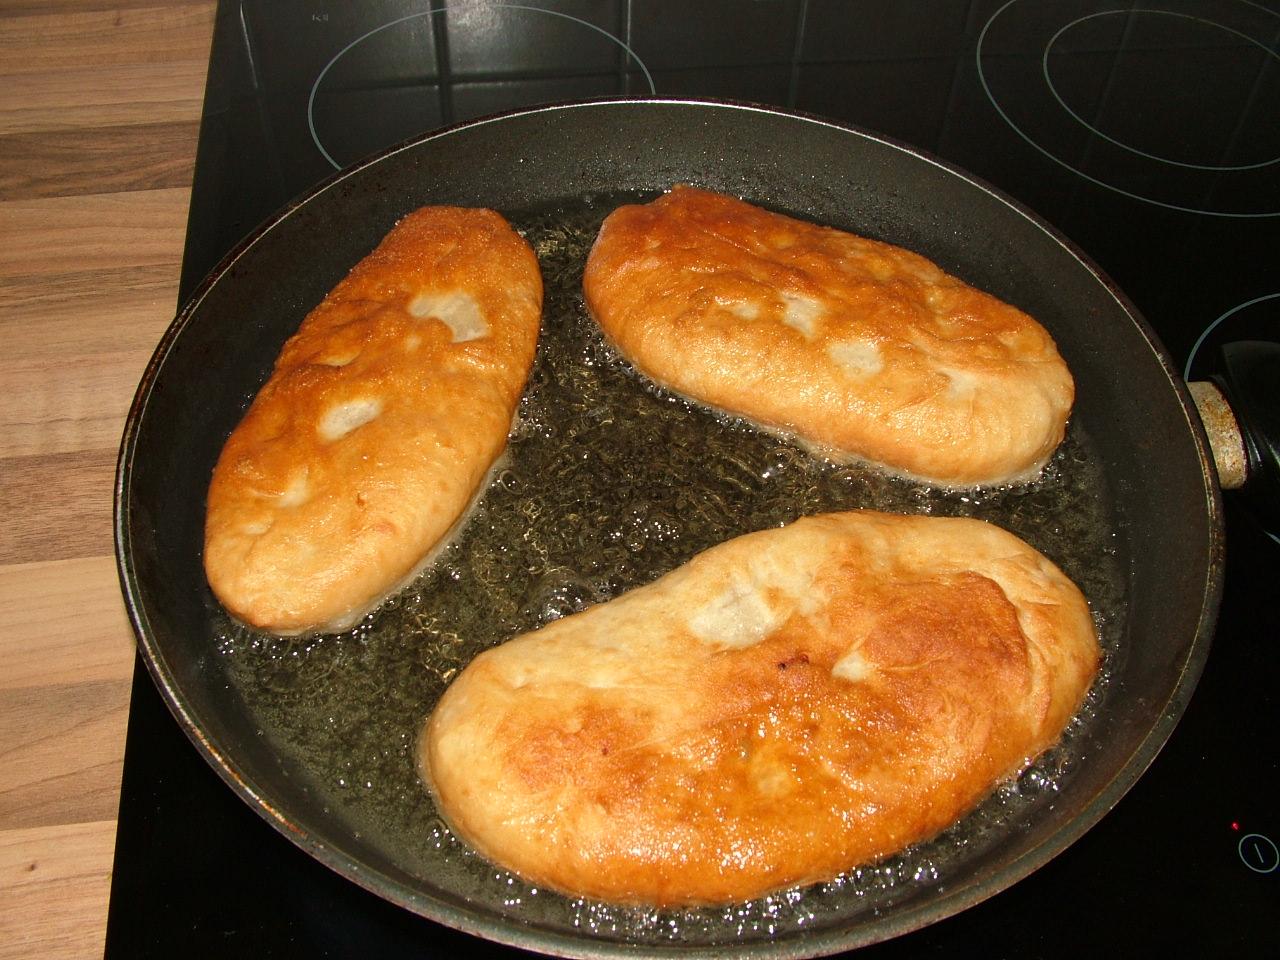 Такие пирожки можно использовать в качестве перекуса или закуски к супу